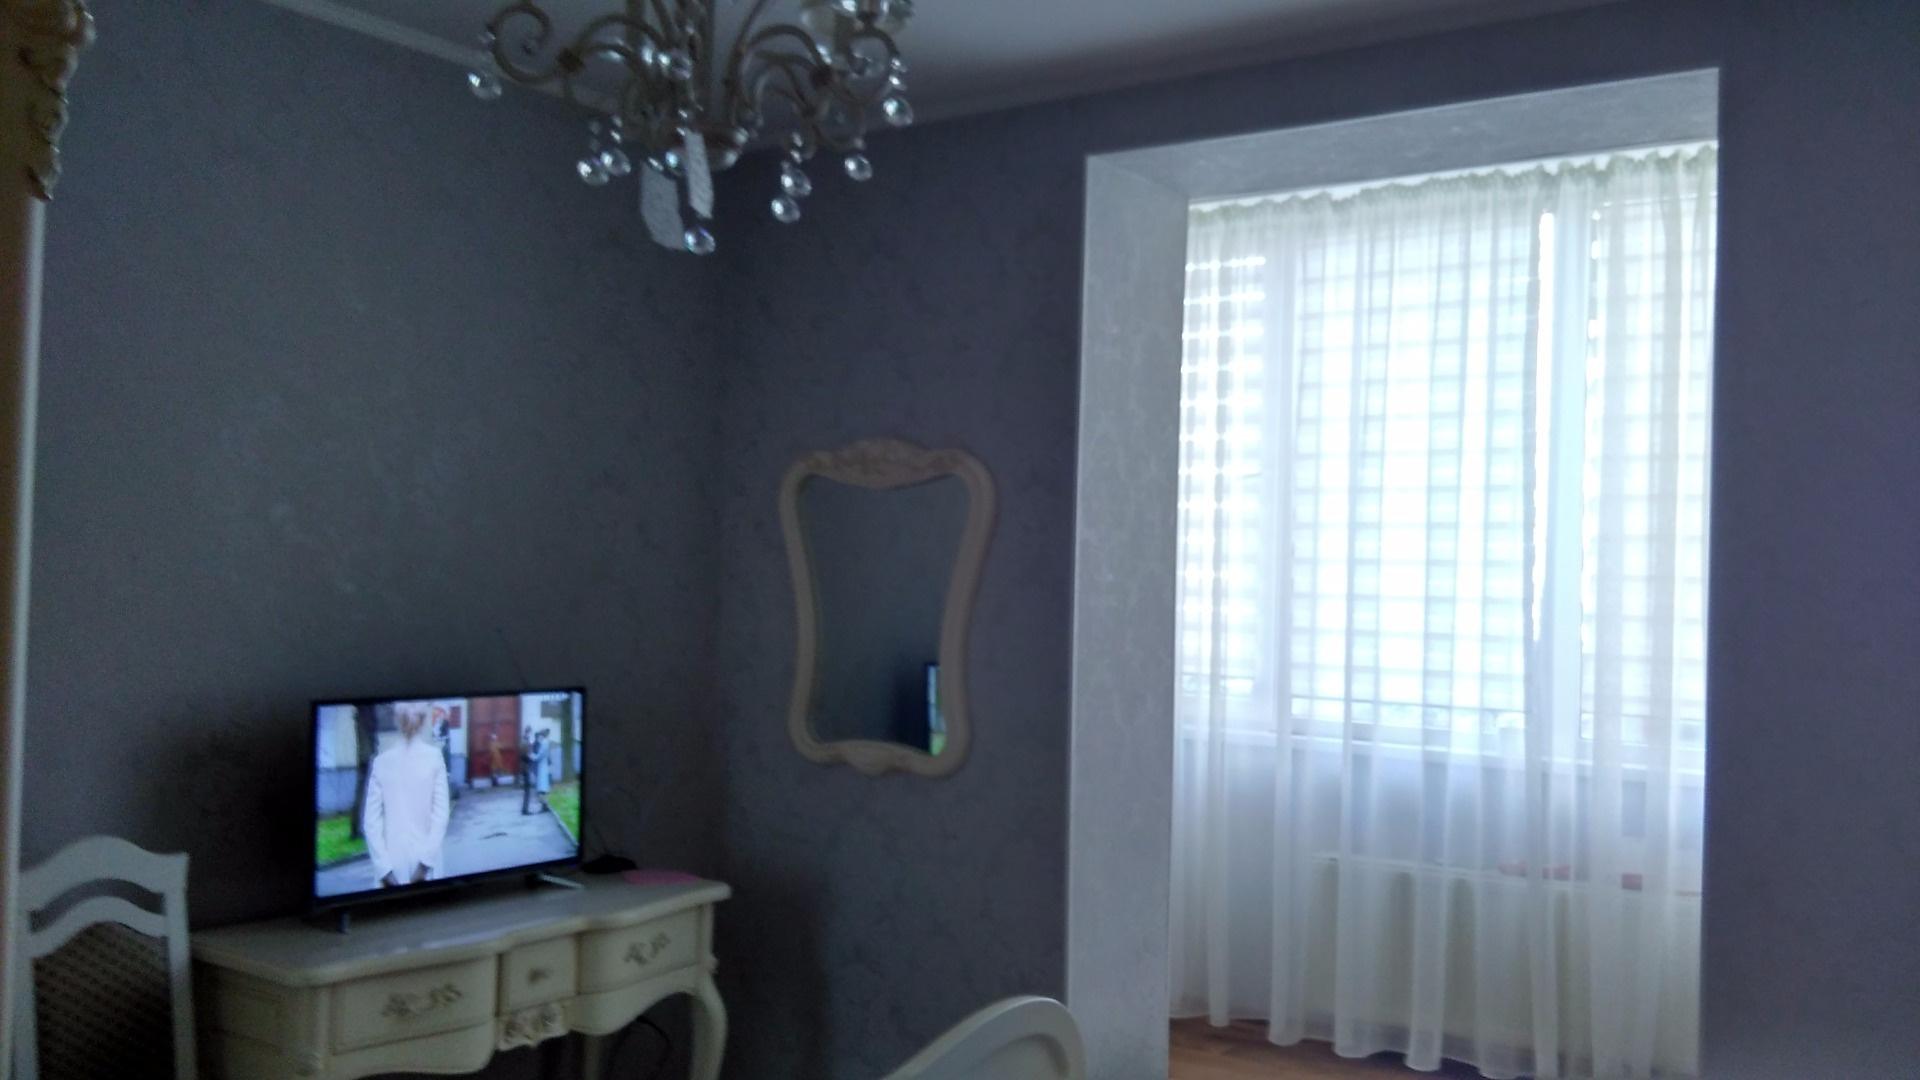 Продается 2-комнатная квартира на ул. Грушевского Михаила (Братьев Ачкановых) — 46 000 у.е. (фото №11)